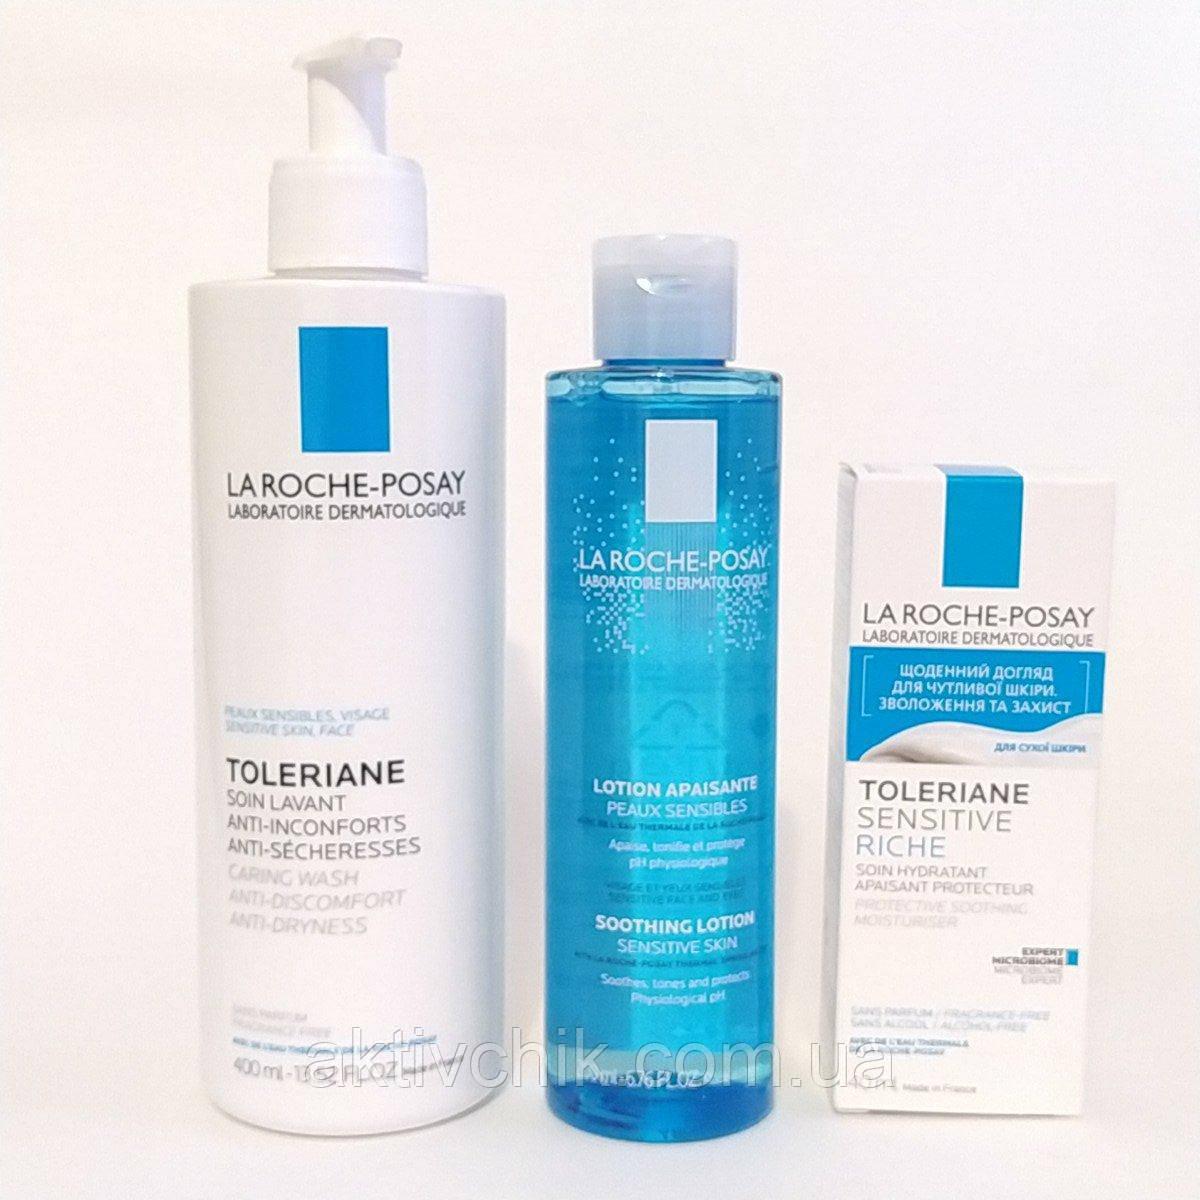 Набор La Roche-Posay Toleriane Sensitive Riche для сухой чувствительной кожи